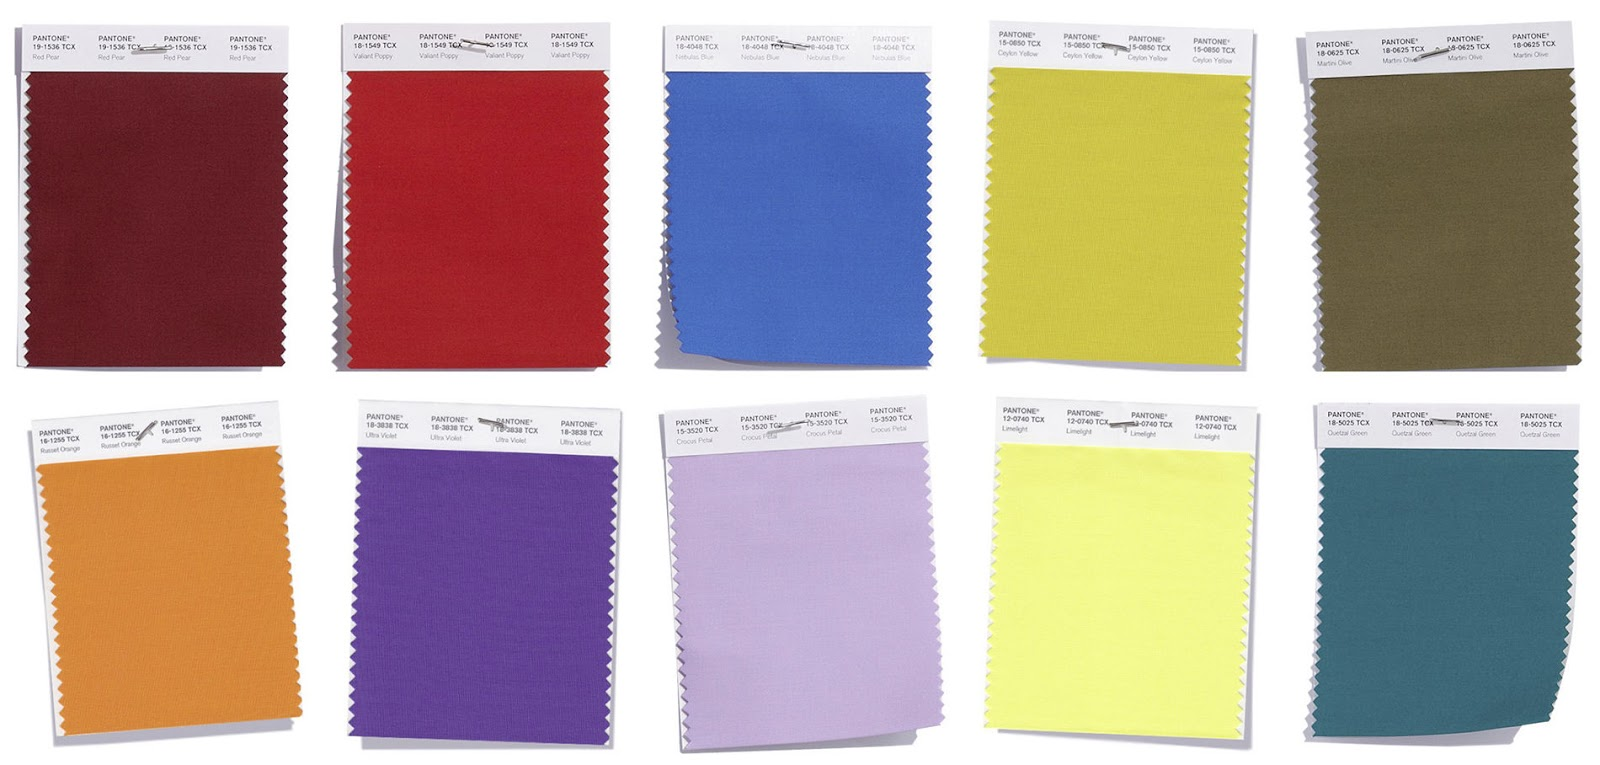 ff788d98dd4a3b ... pour cette saison. Pantone dévoile chaque année les 10 couleurs du  moment. Voici donc un aperçu des 10 couleurs de la saison automne/hiver 2018 -2019.